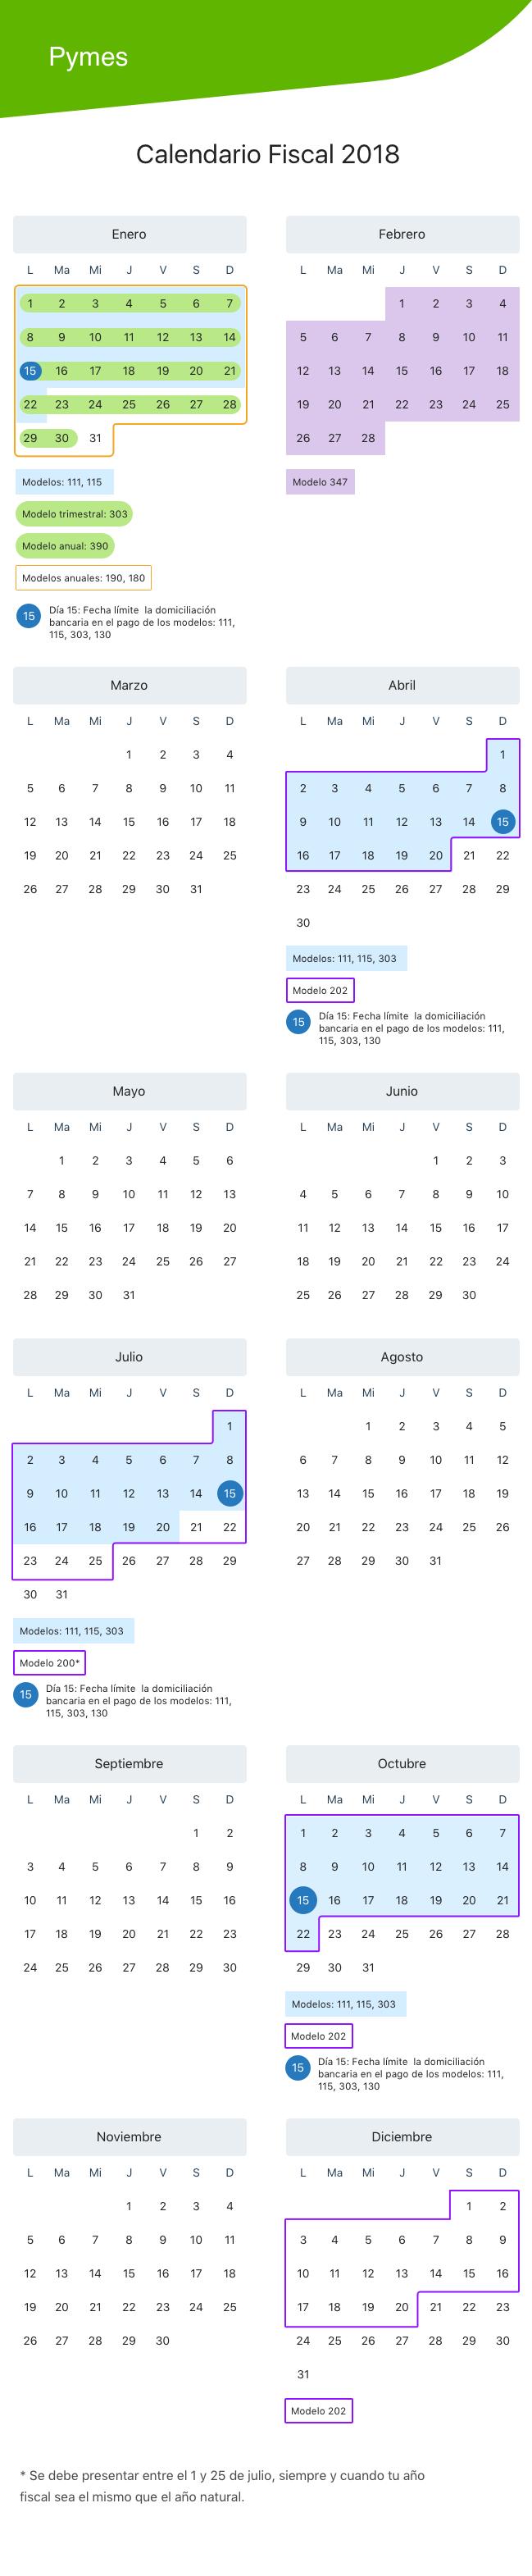 Calendario fiscal 2018 para empresas